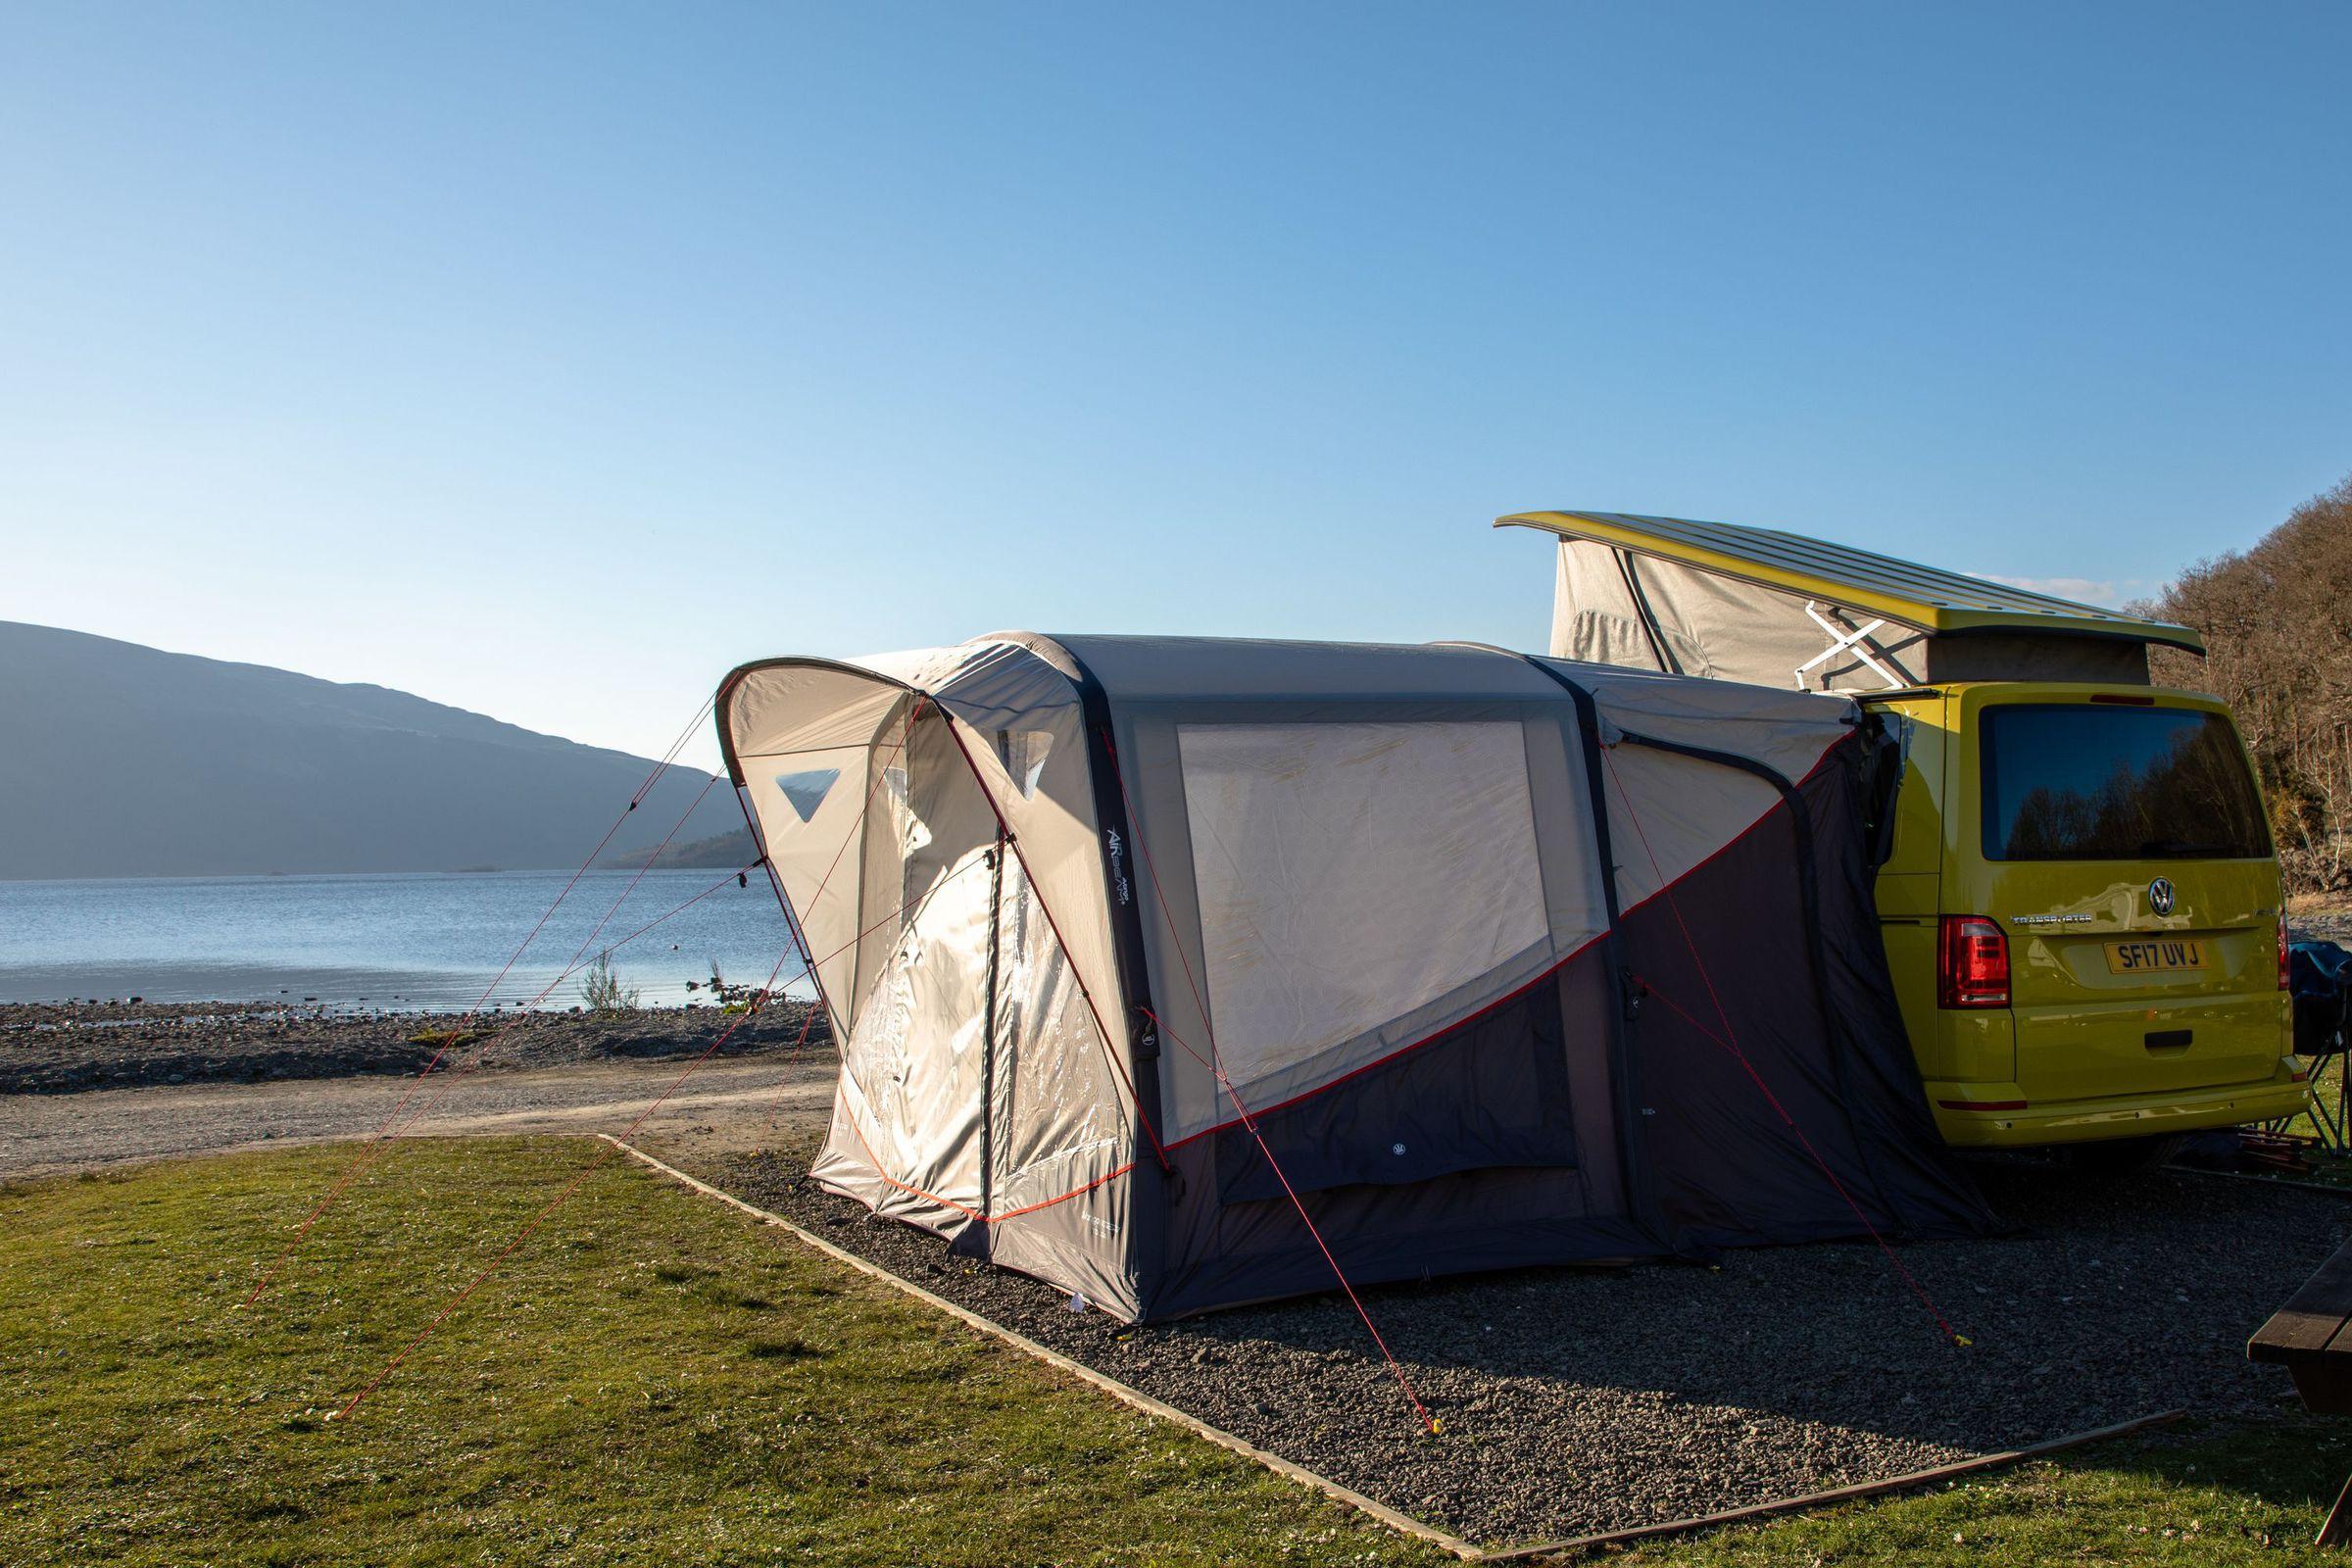 Vango Tolga Vw Low Driveaway Awning Norwich Camping9